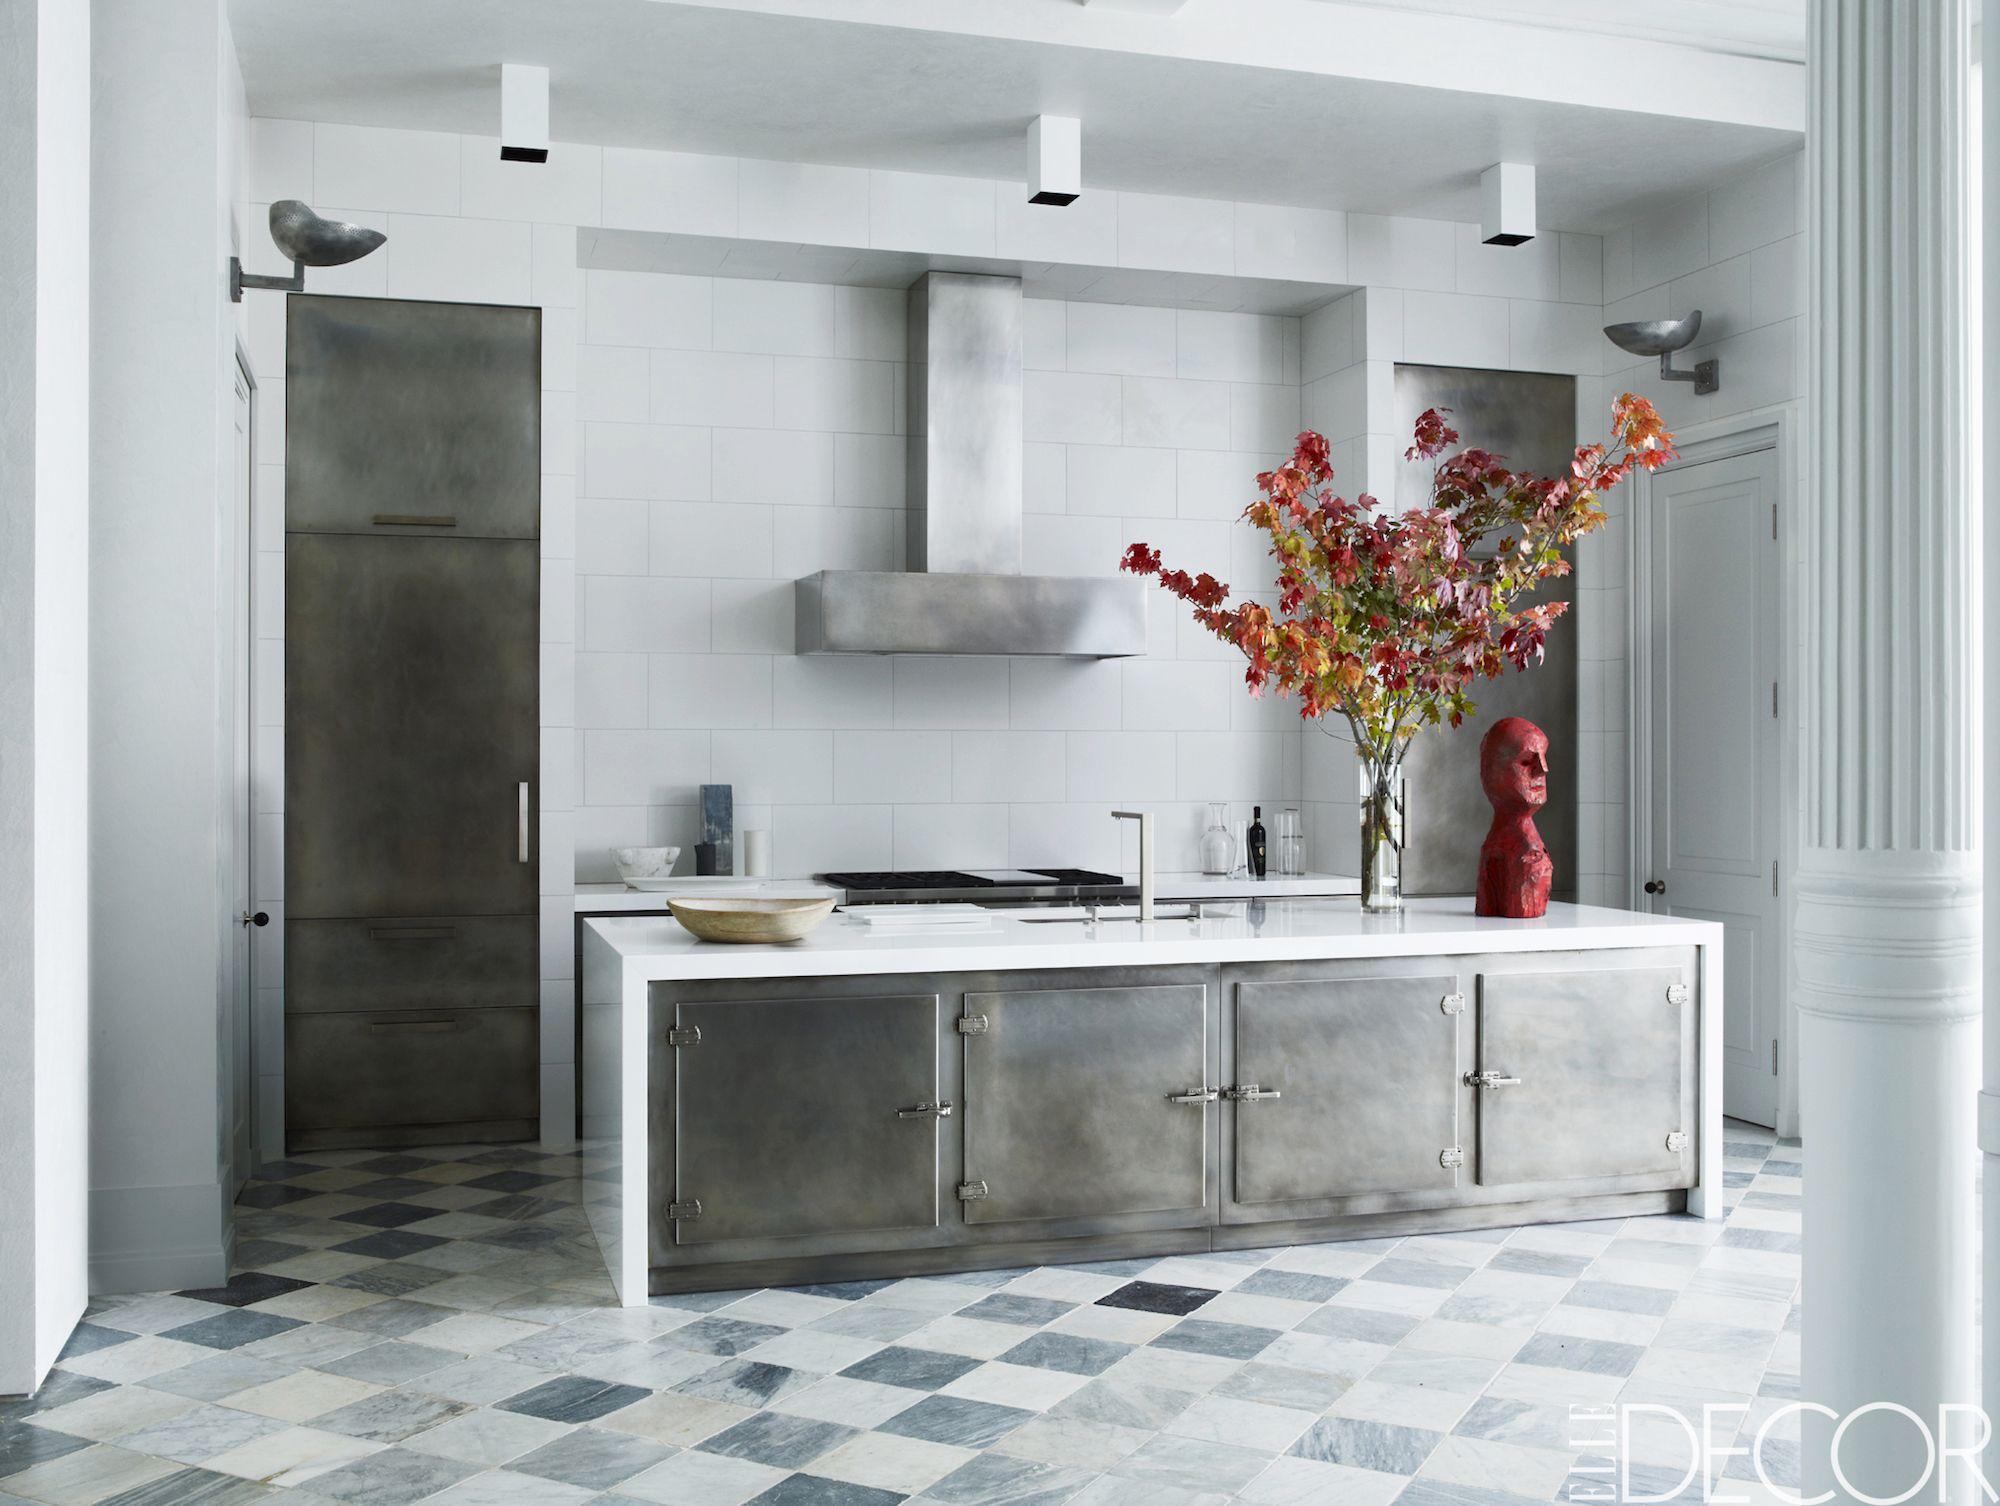 grey kitchen tile large island 20 gorgeous backsplashes best ideas